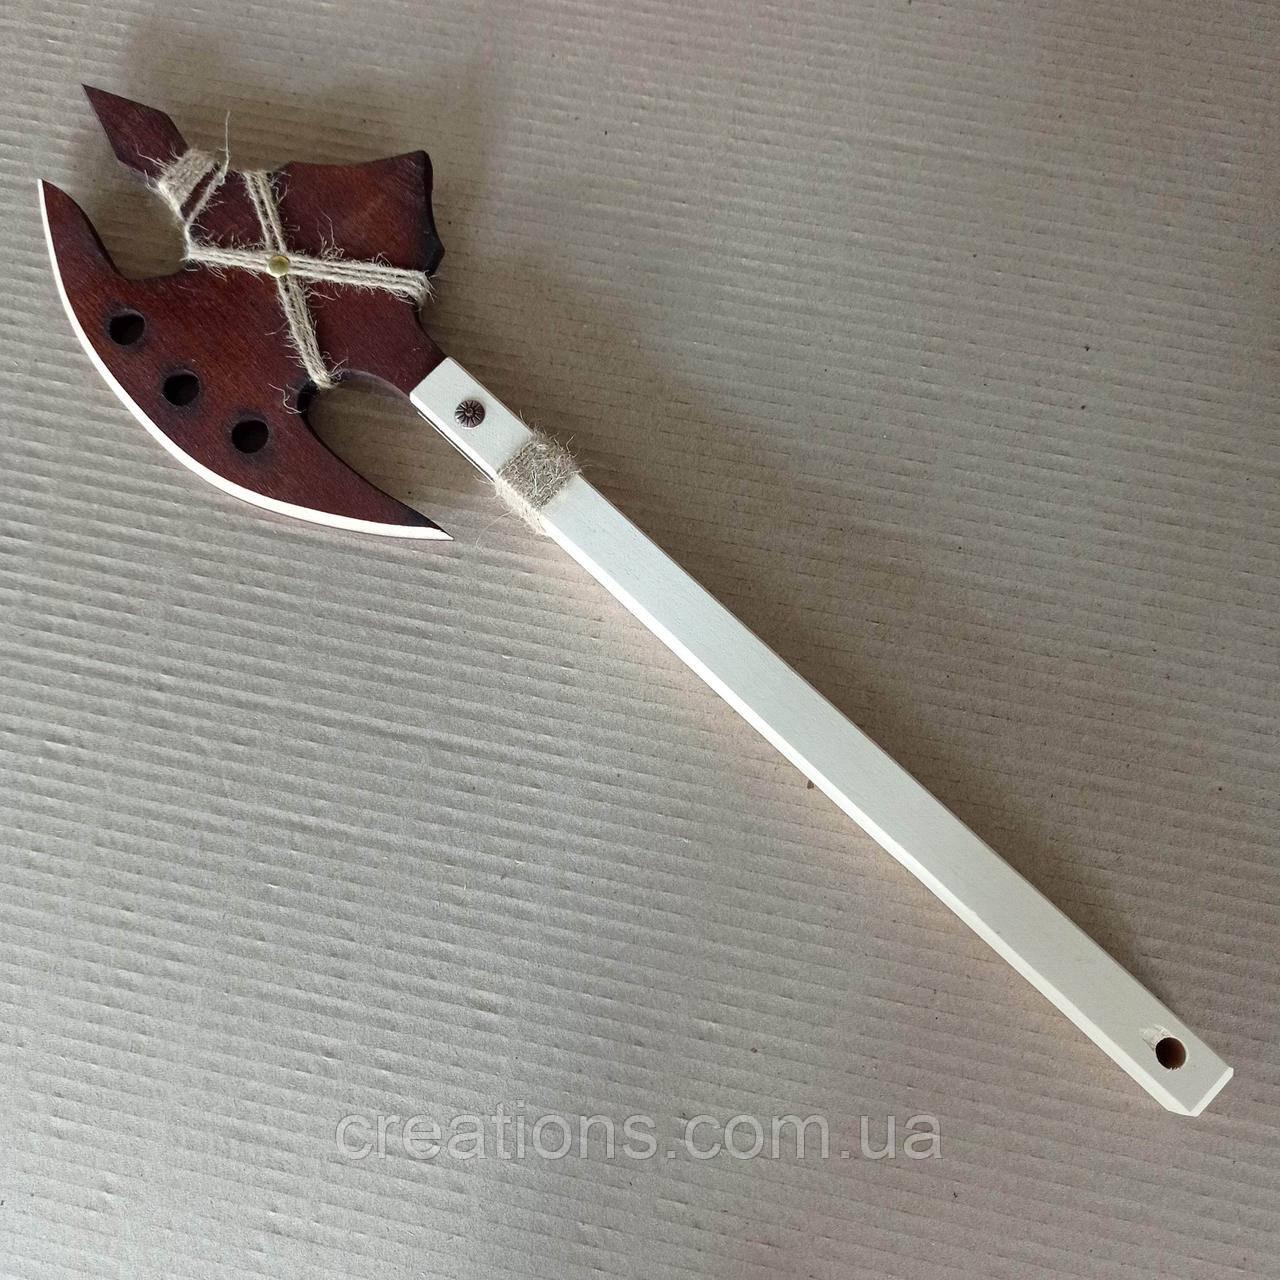 Дерев'яний дитячий сокиру вікінгів 51 см